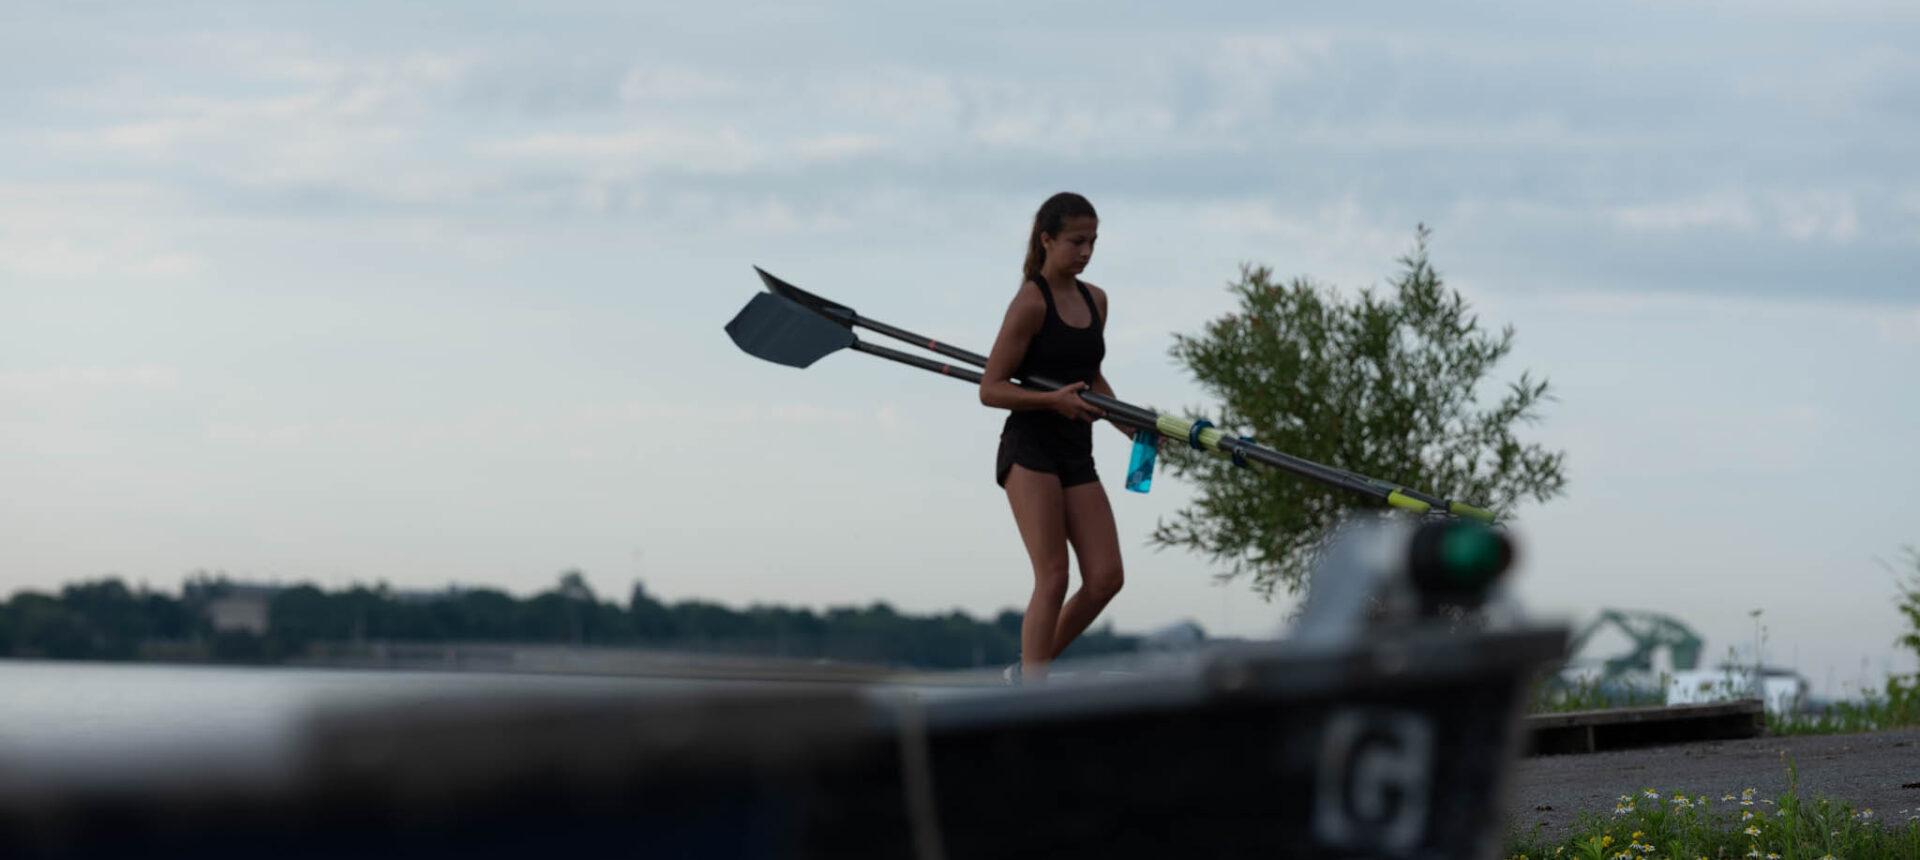 Member Update #3: Return to Rowing